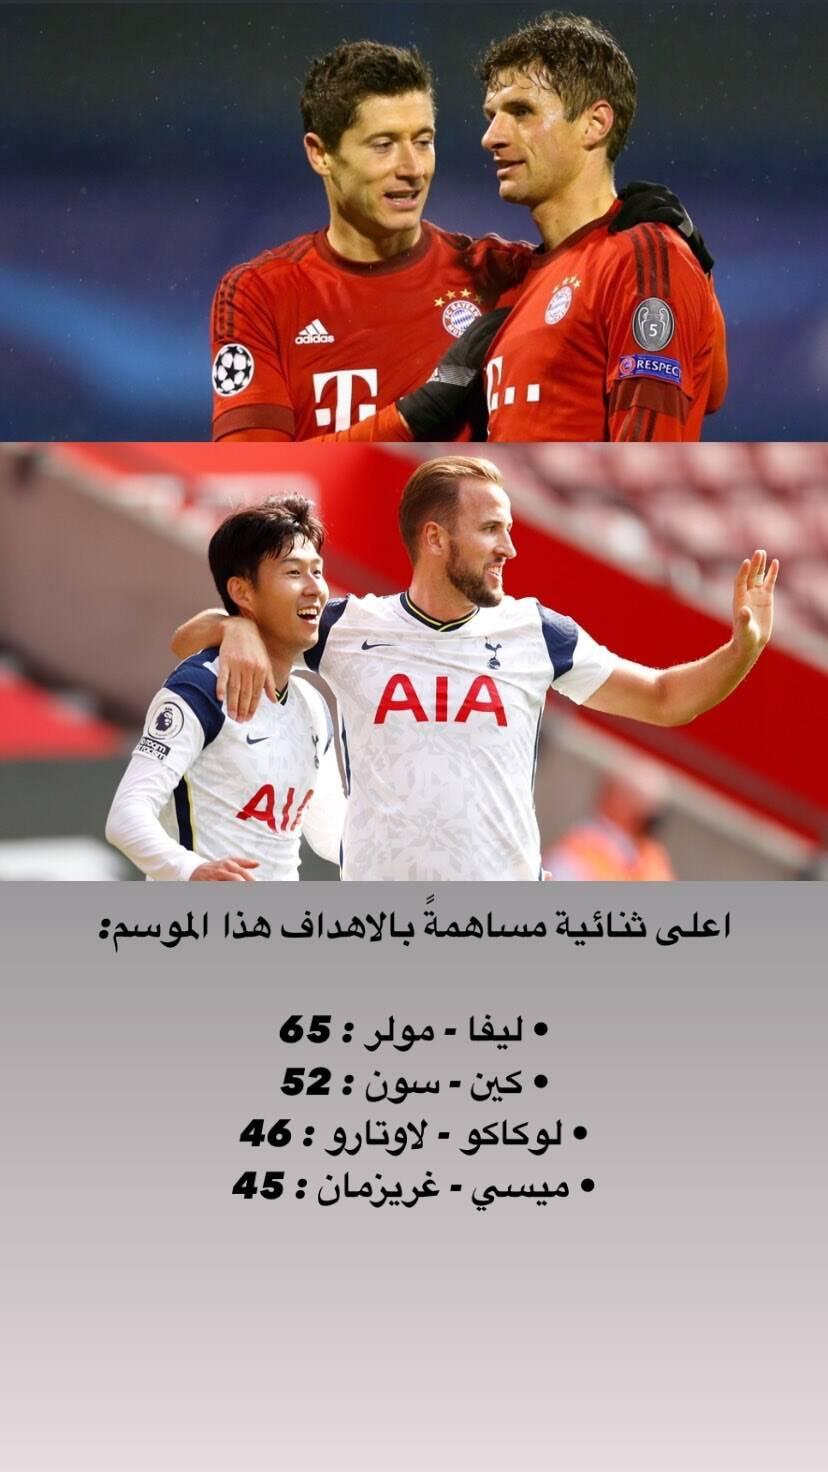 Bayern Munchen by Shery Abd Elmaseh